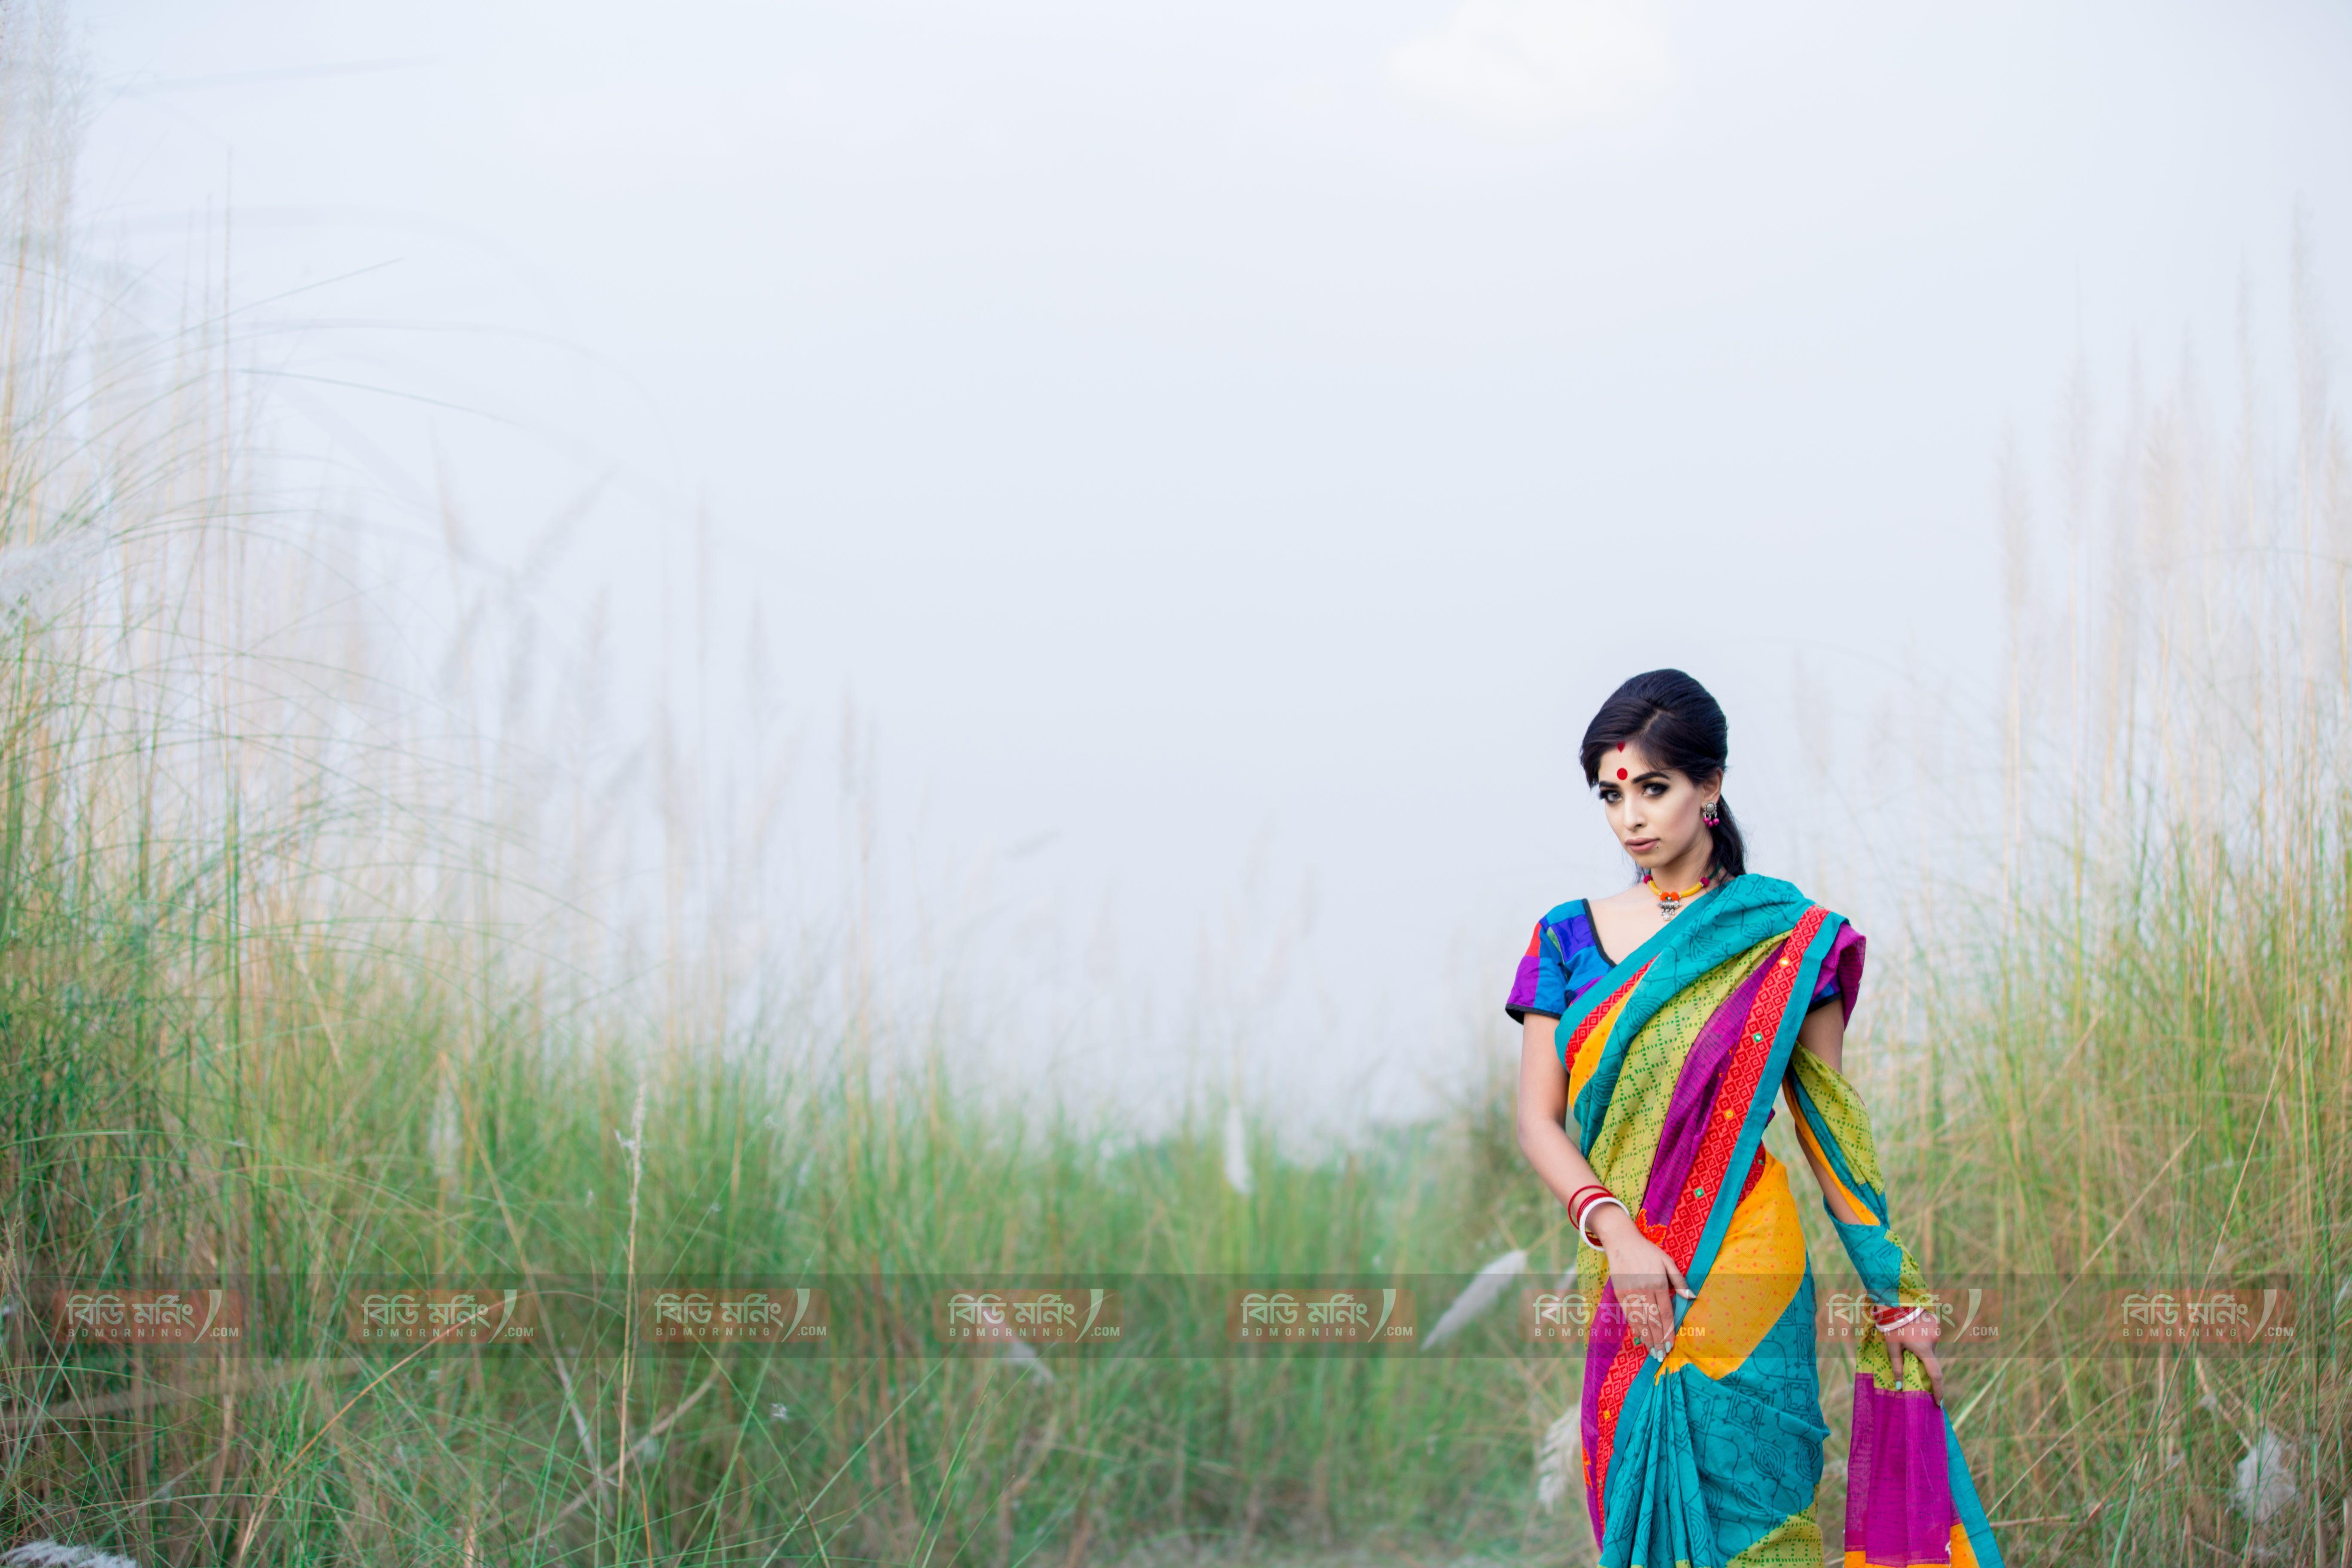 মডেলঃ তাসনিয়া ছবিঃ দীপন চন্দ্র  পোশাকঃ বিশ্বরঙ  জুয়েলারিঃ ক্রাফট এন ক্রেজ